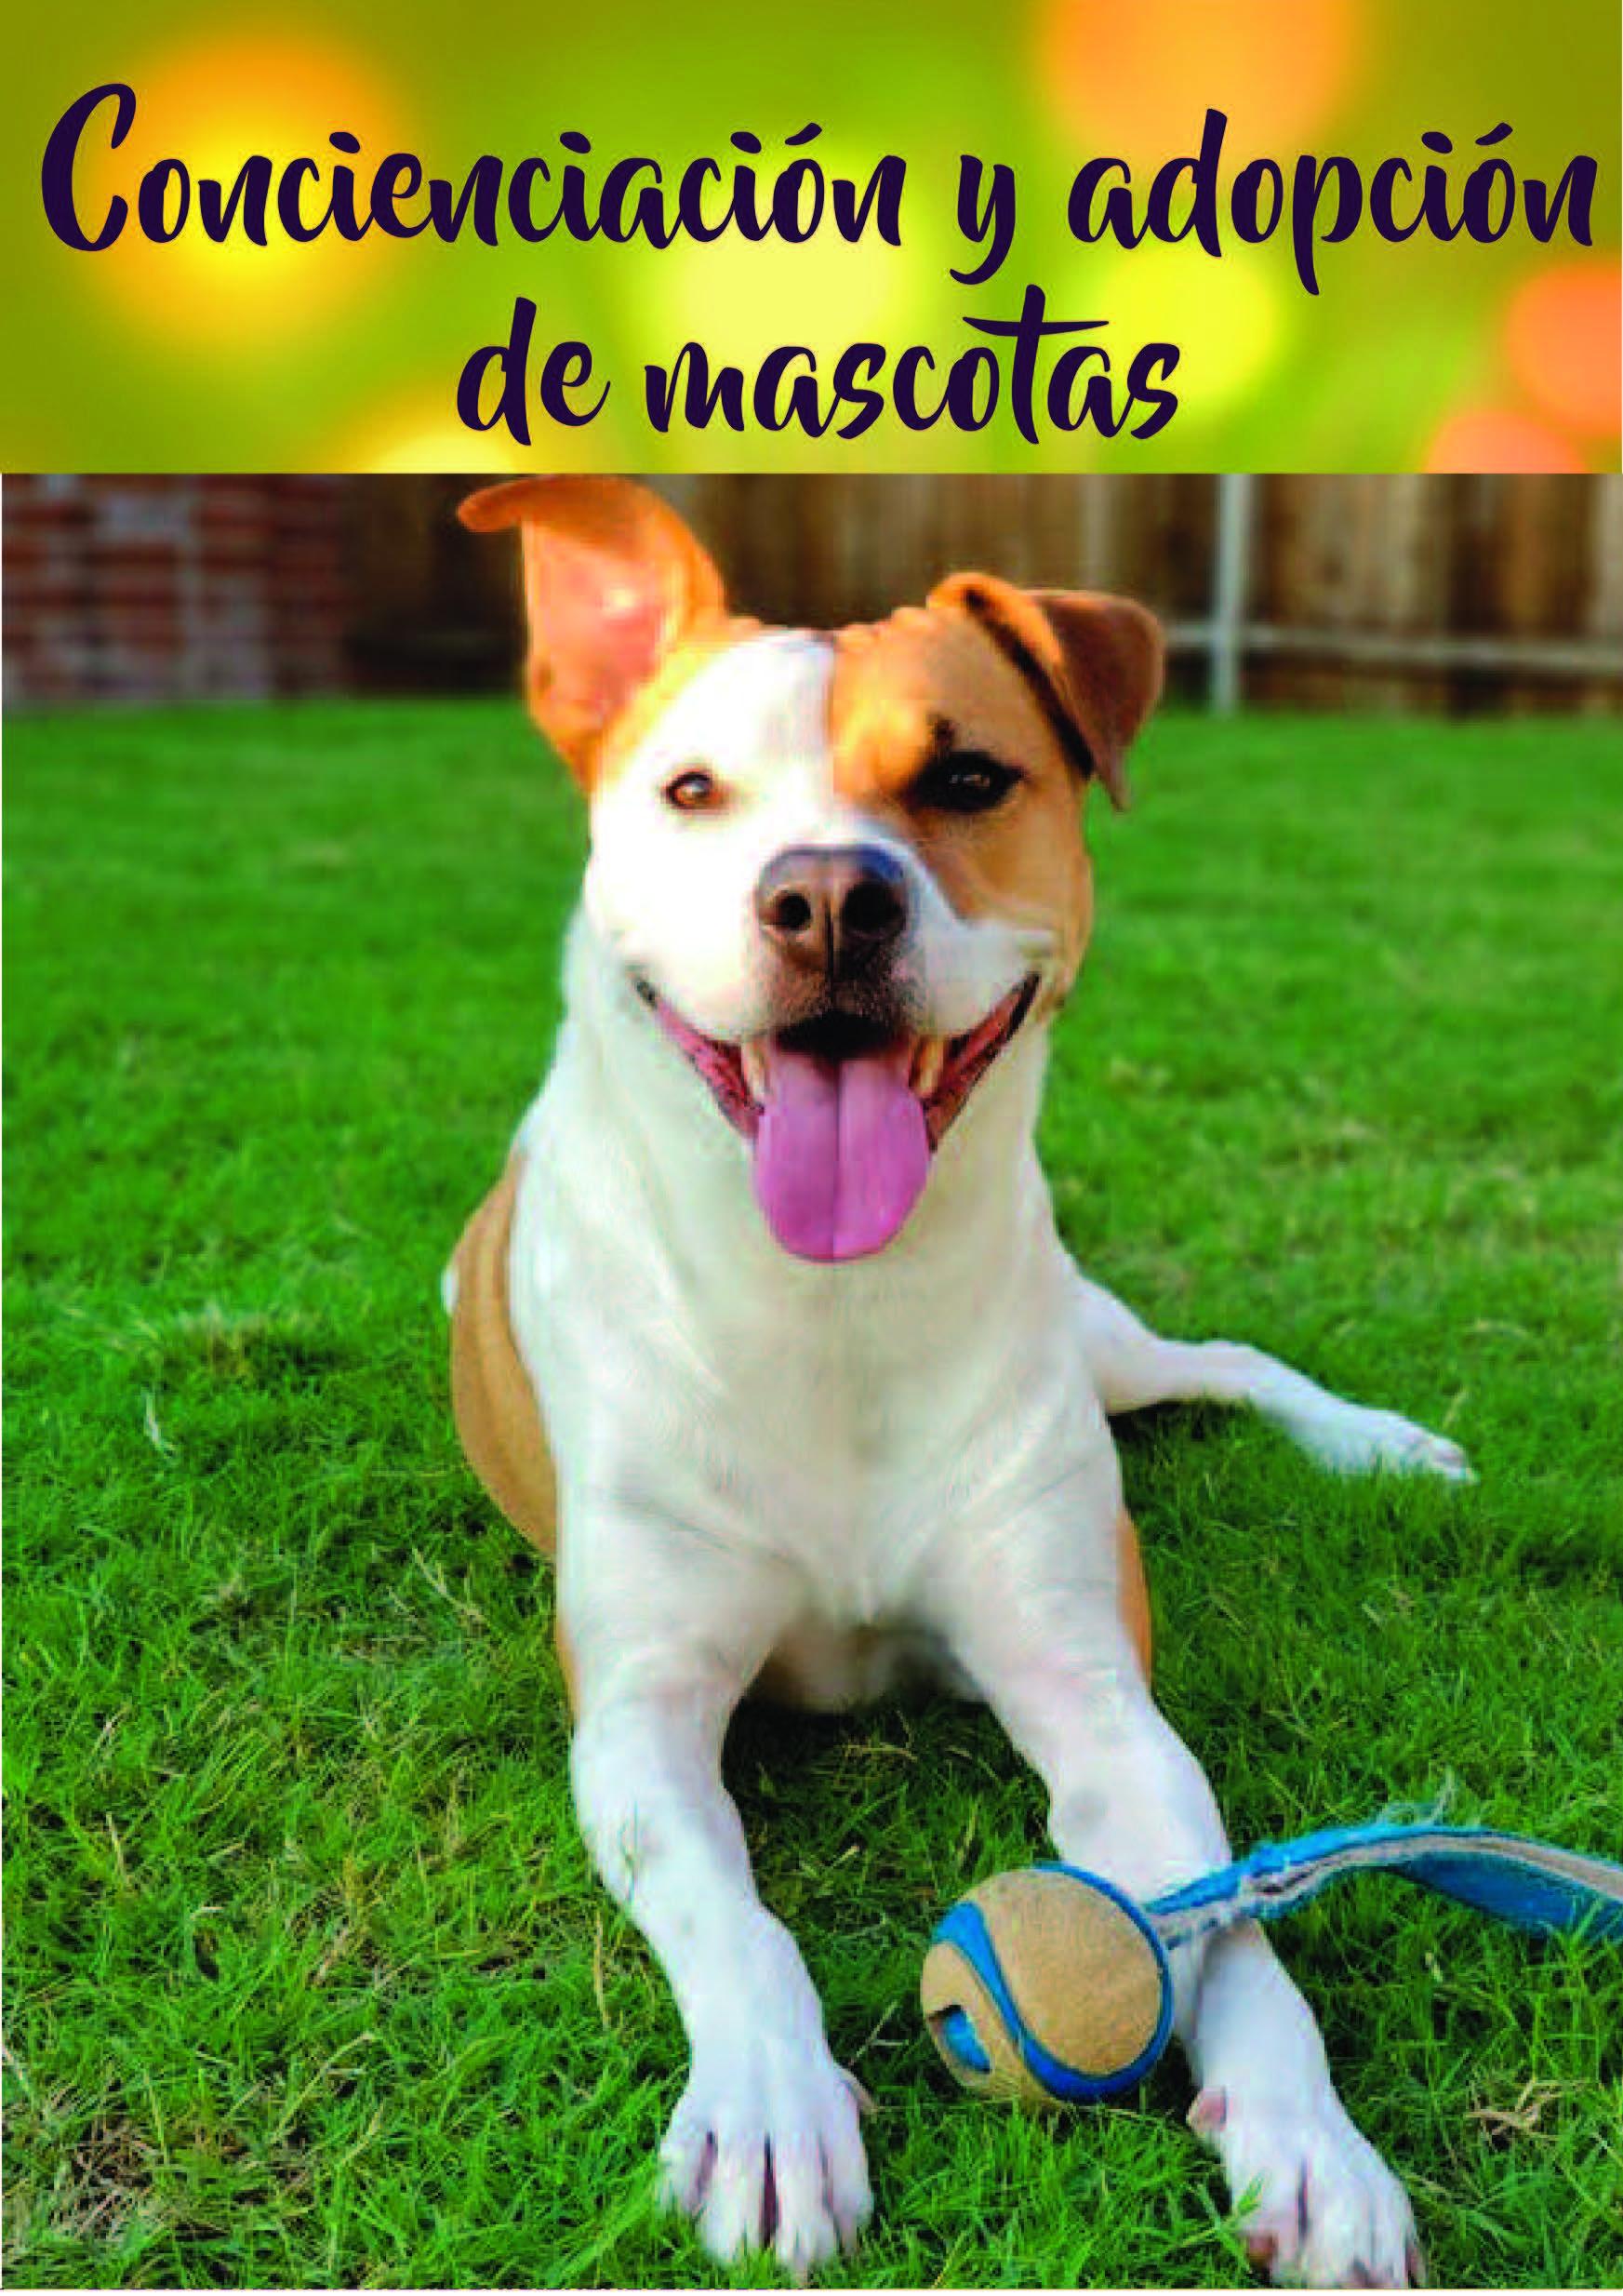 6. Adopción de mascotas